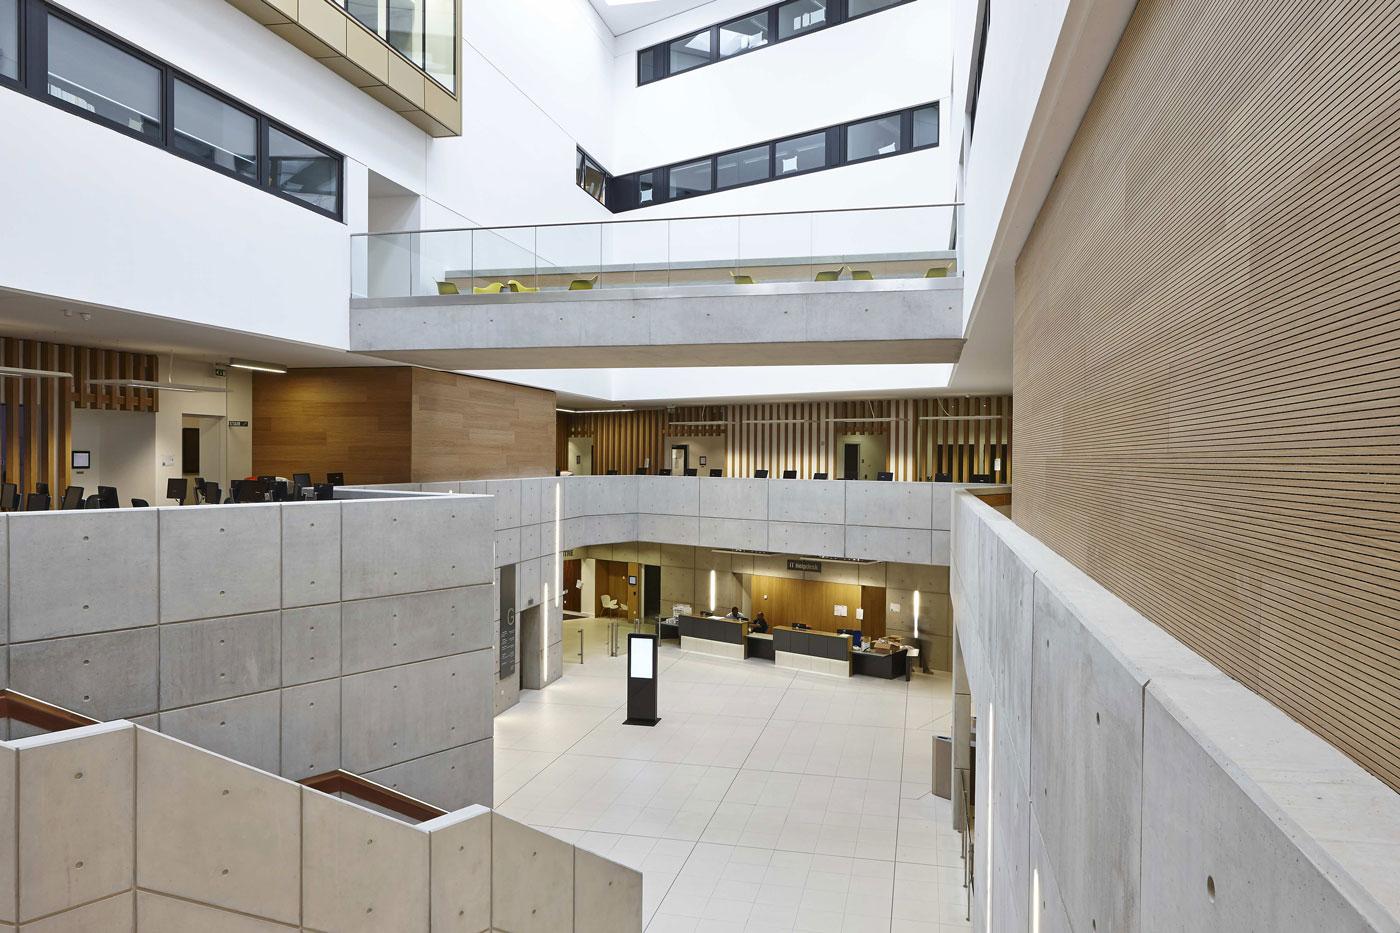 University Square Stratford Atrium | Interior Architecture Photographer